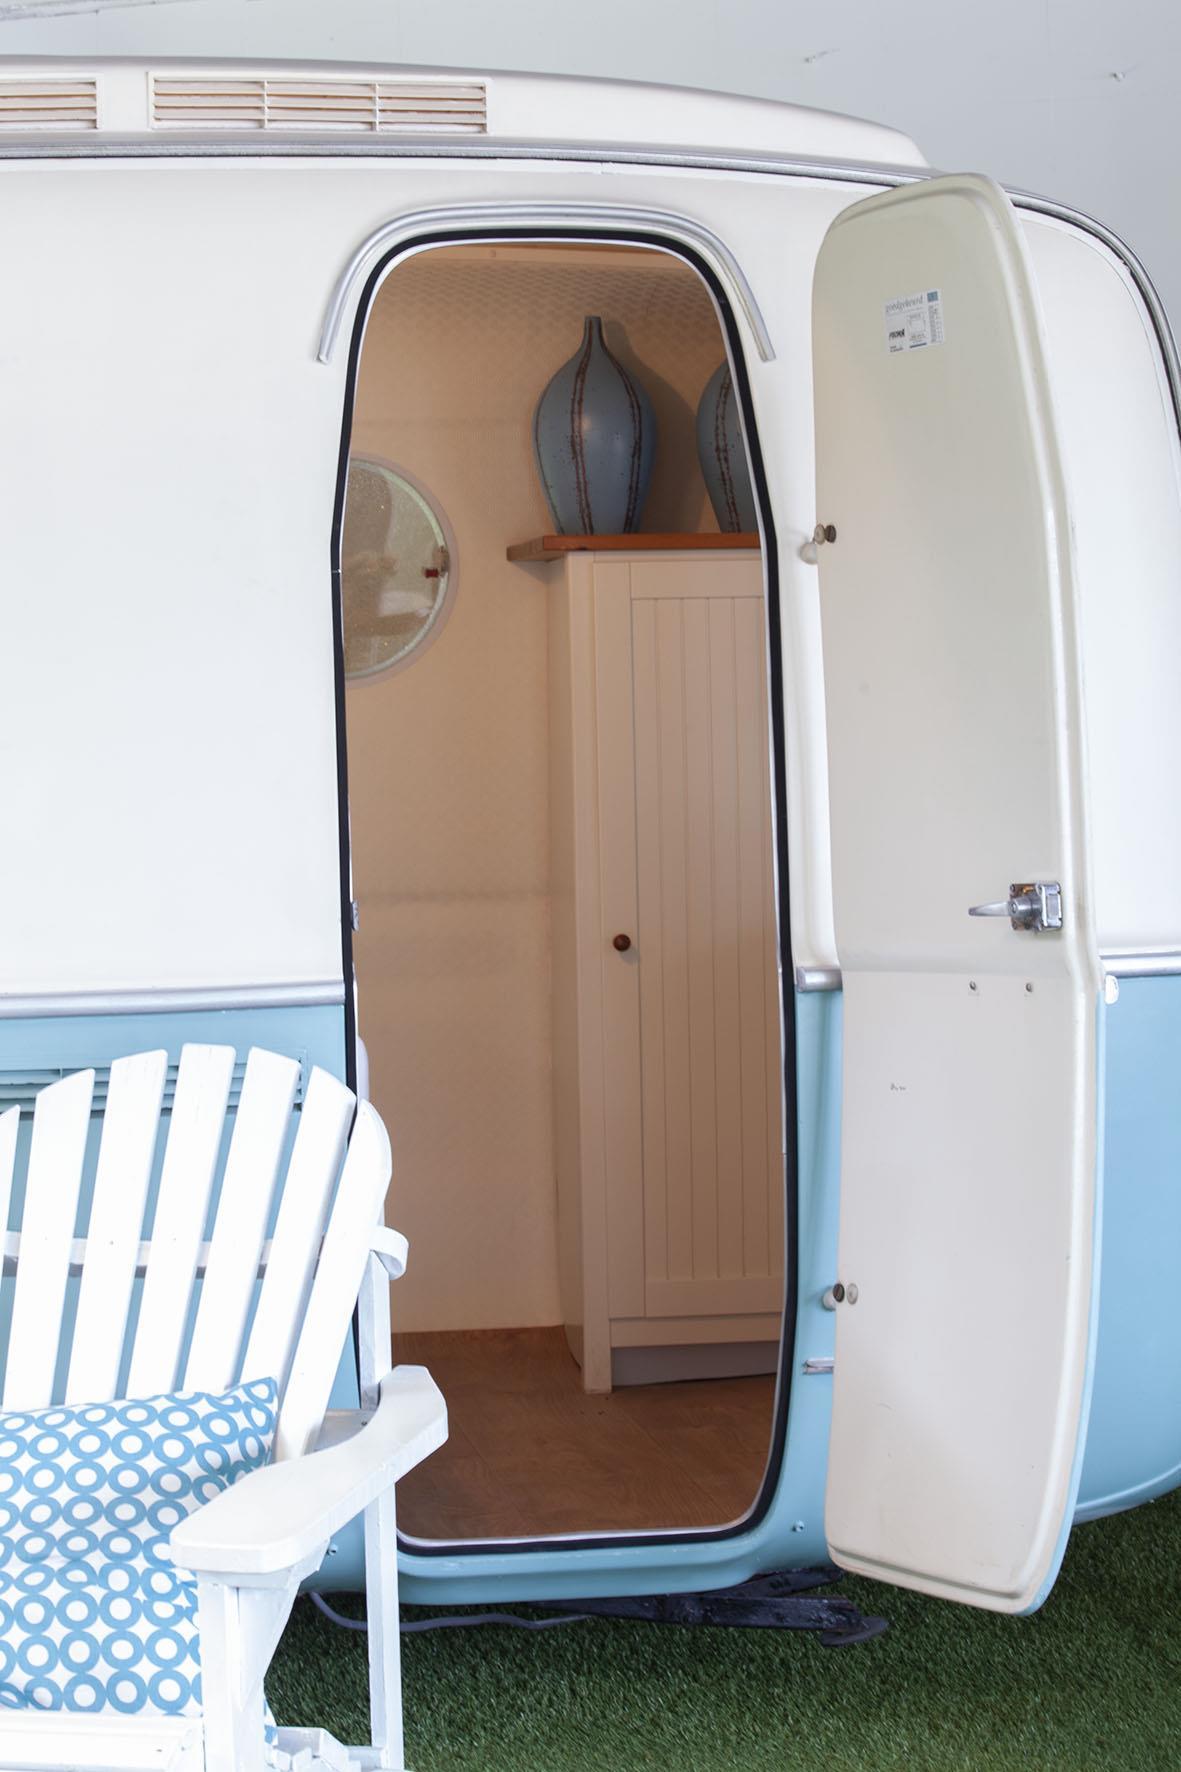 modern-vintage-caravan-detail-outside-inn-indoor-camping-amsterdam.jpg